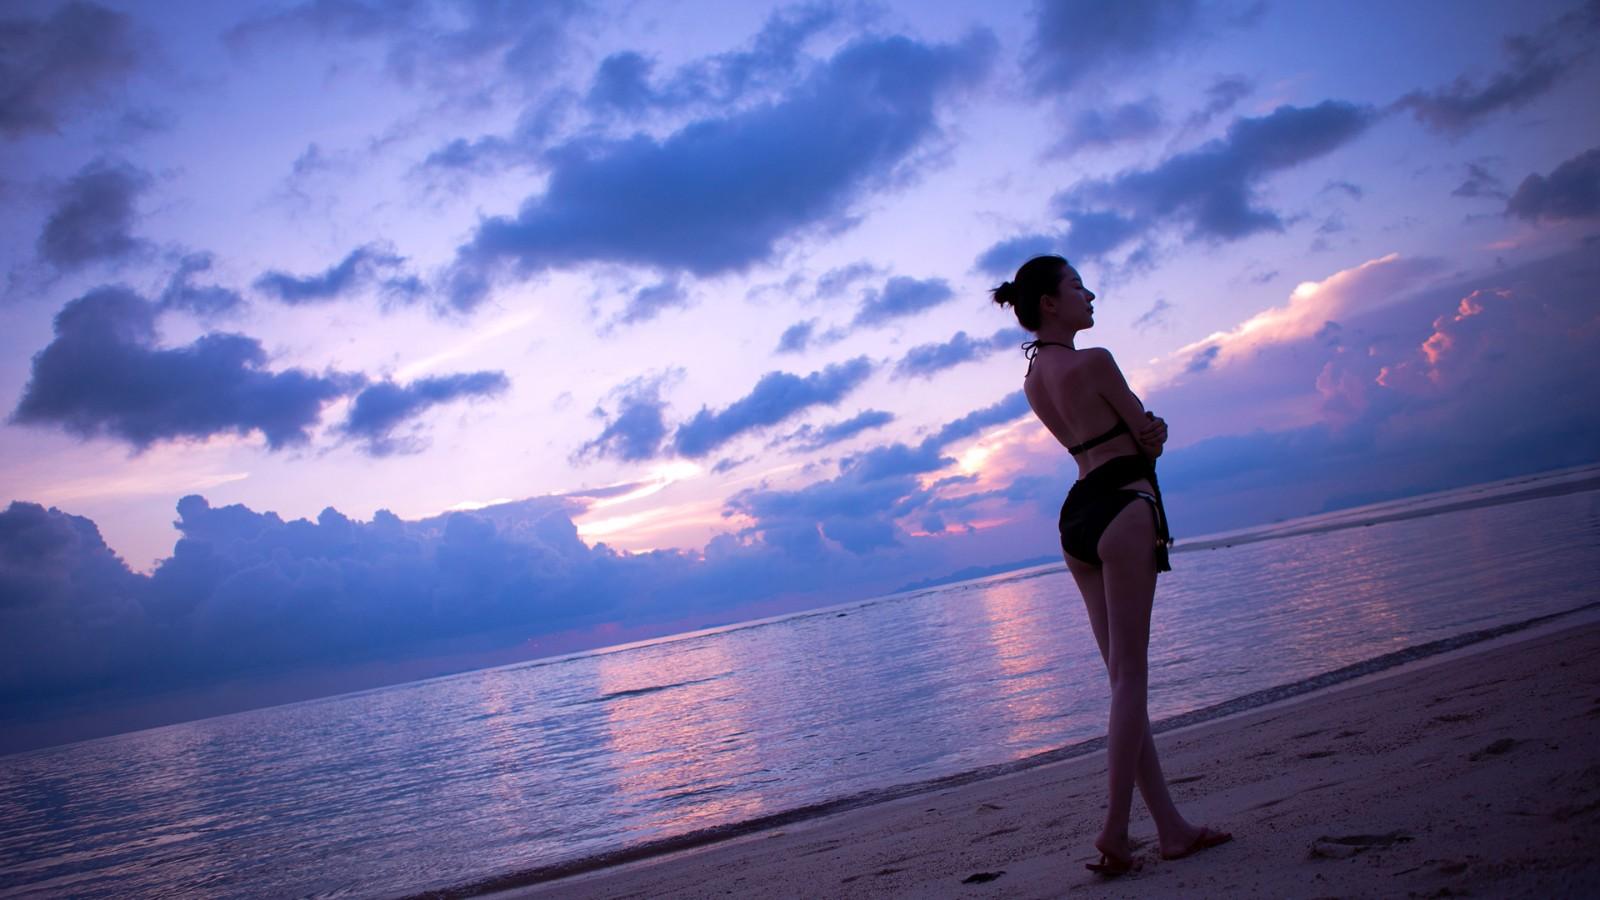 海边海滩,比基尼美女,慕羽茜壁纸